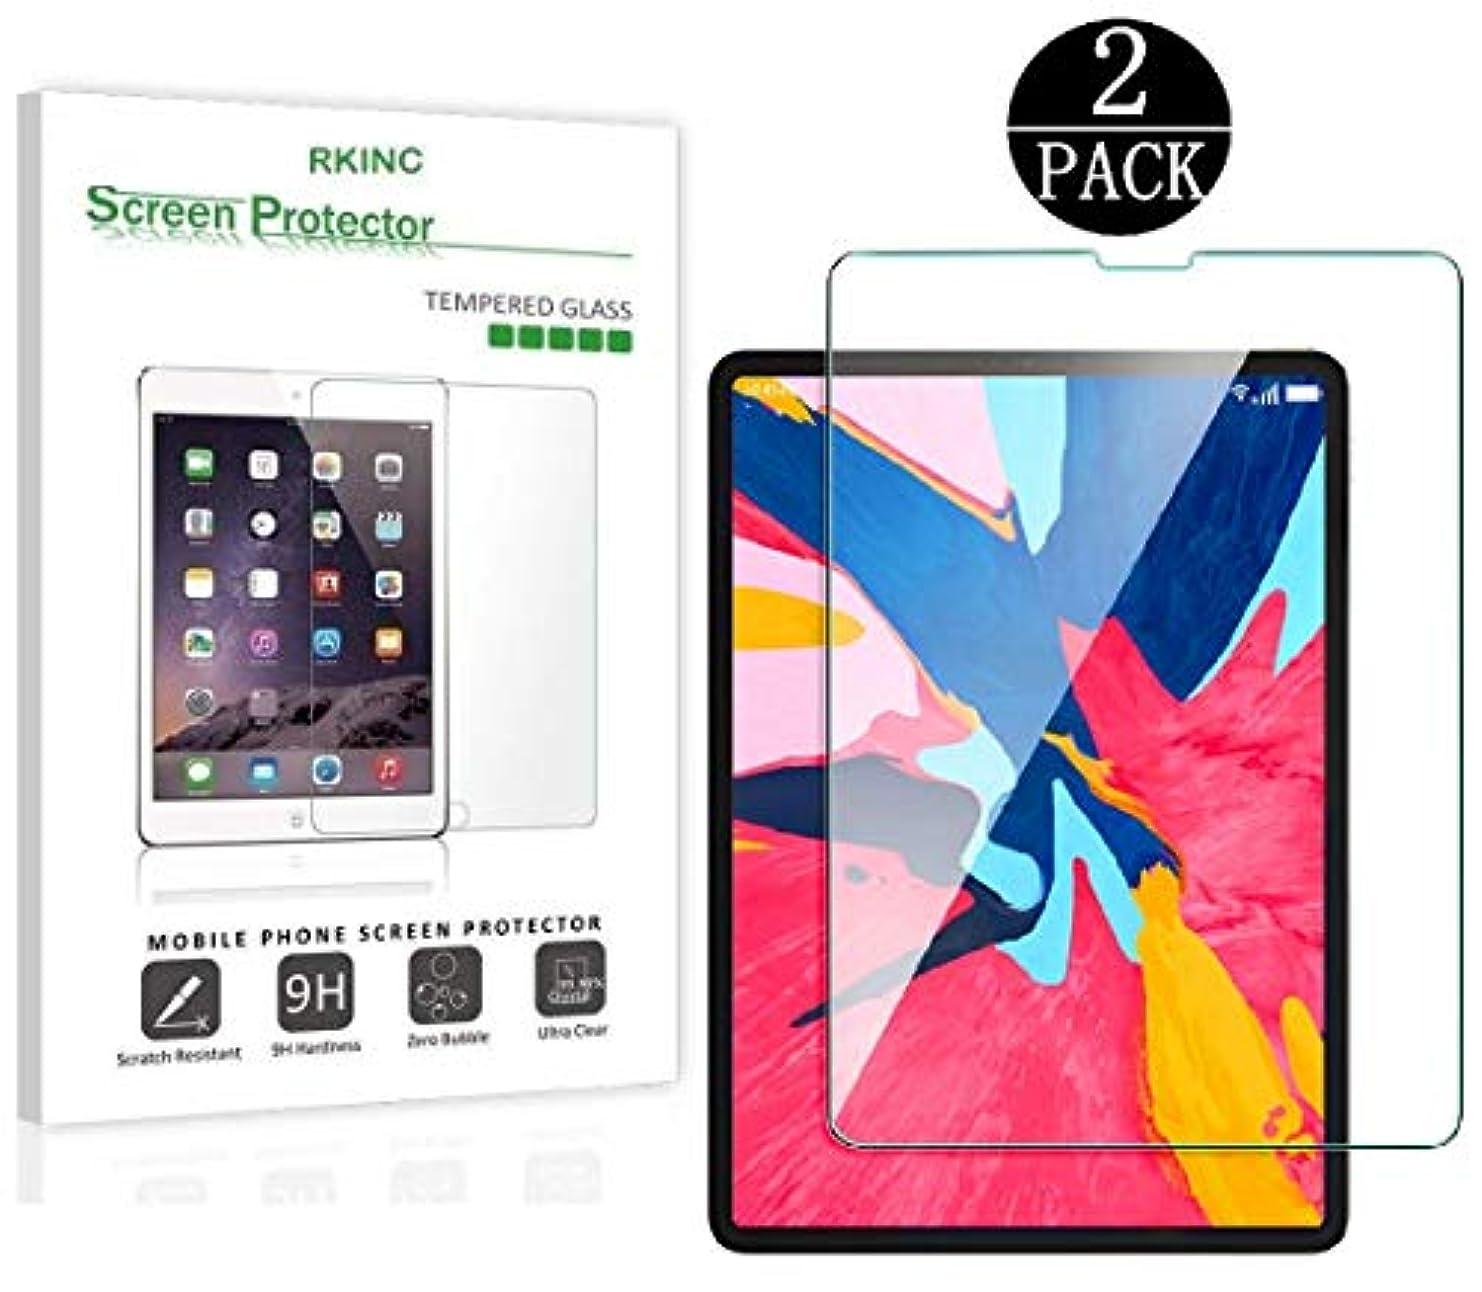 パターン近傍バルセロナRKINCスクリーンプロテクター にとってApple iPad Pro 11 2018 、[2パック] 強化ガラスクリアスクリーンプロテクター[9H硬度] [2.5Dラウンドエッジ] [スクラッチレジスト] にとってApple iPad Pro 11 2018